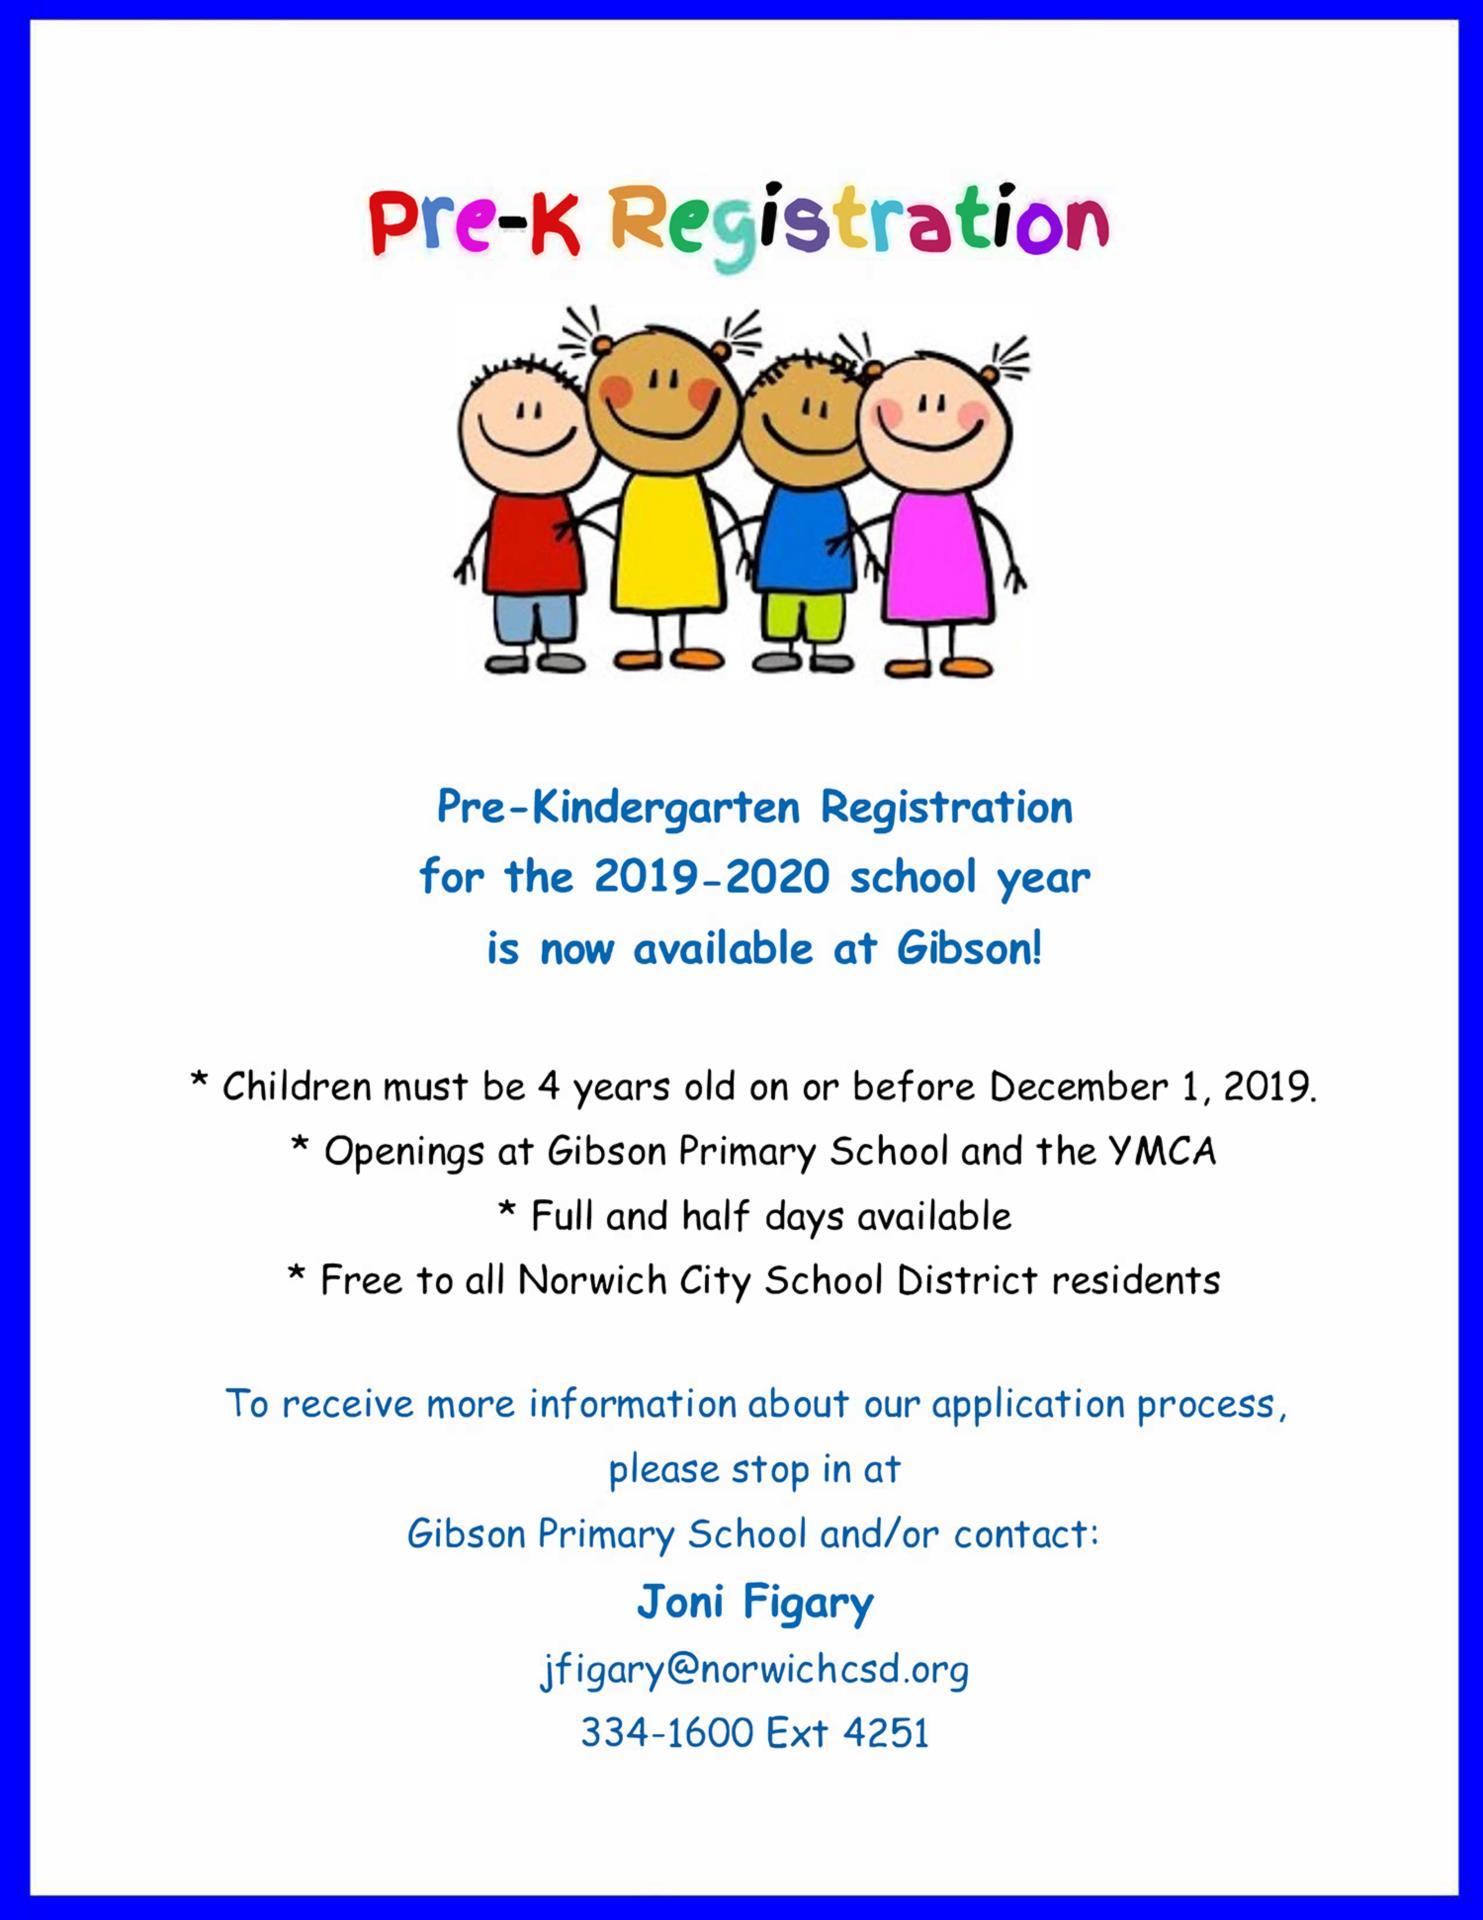 Pre-K Registration Flyer 2019-2020